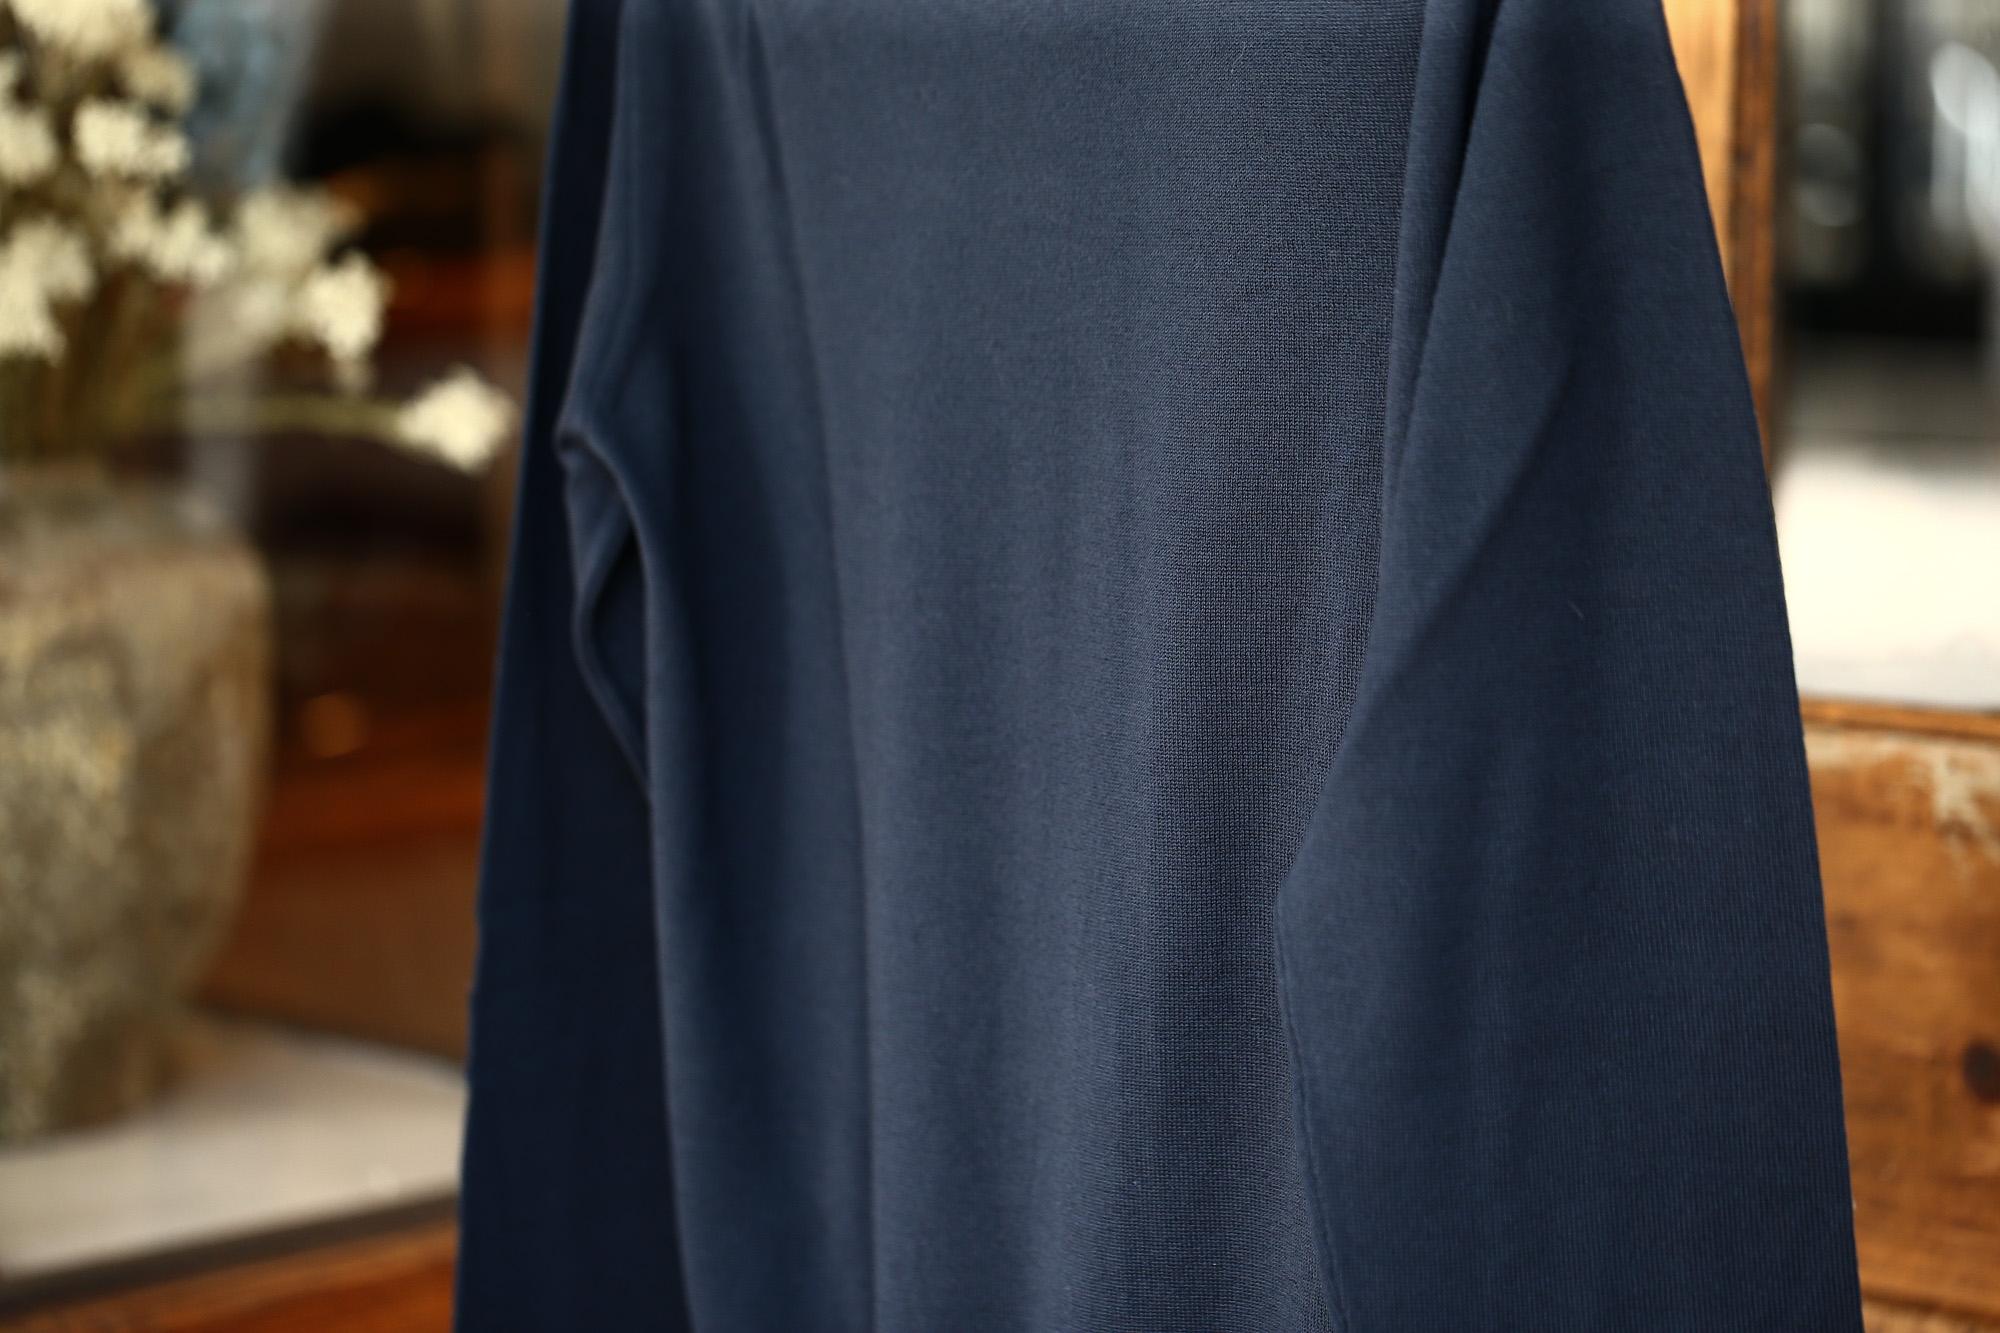 ZANONE (ザノーネ) Turtle Neck Sweater タートルネックセーター VIRGIN WOOL 100% ヴァージンウール100% ハイゲージウールニットセーター NAVY (ネイビー・Z1375) made in italy (イタリア製) 2017 秋冬新作 zanone ザノーネ タートルネック 愛知 名古屋 Alto e Diritto アルト エ デリット タートル